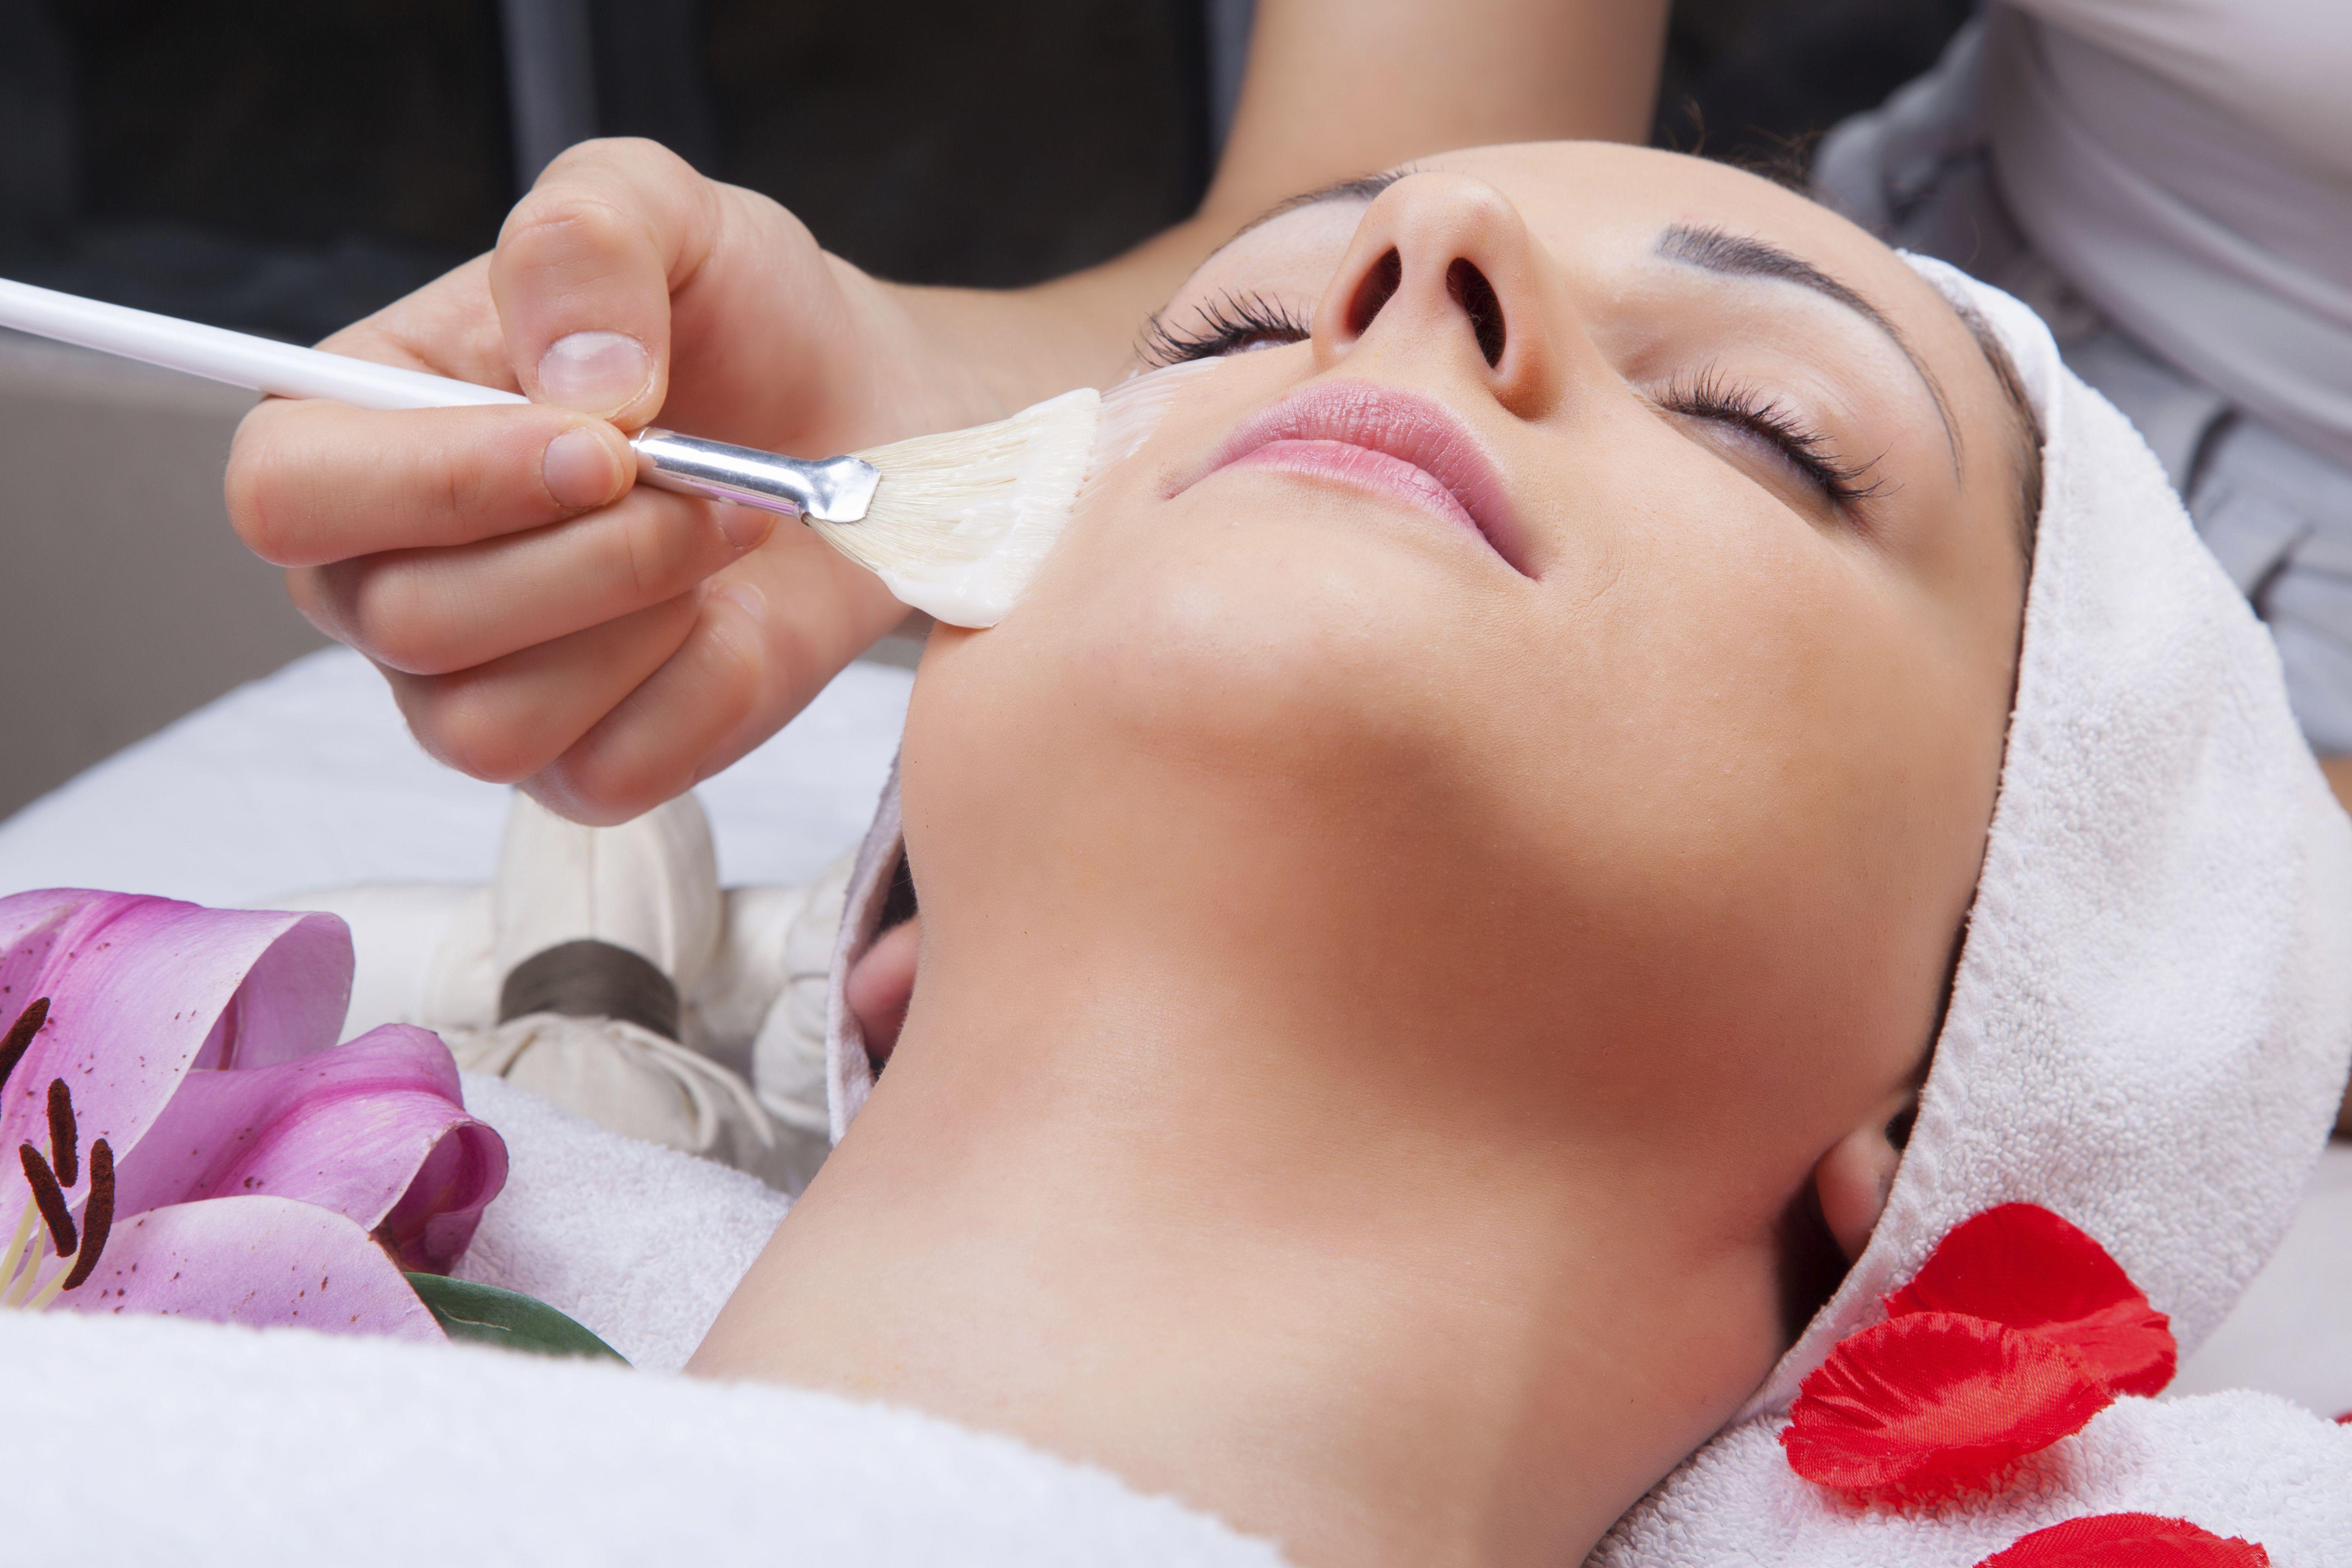 Centro con tratamientos faciales en Murcia